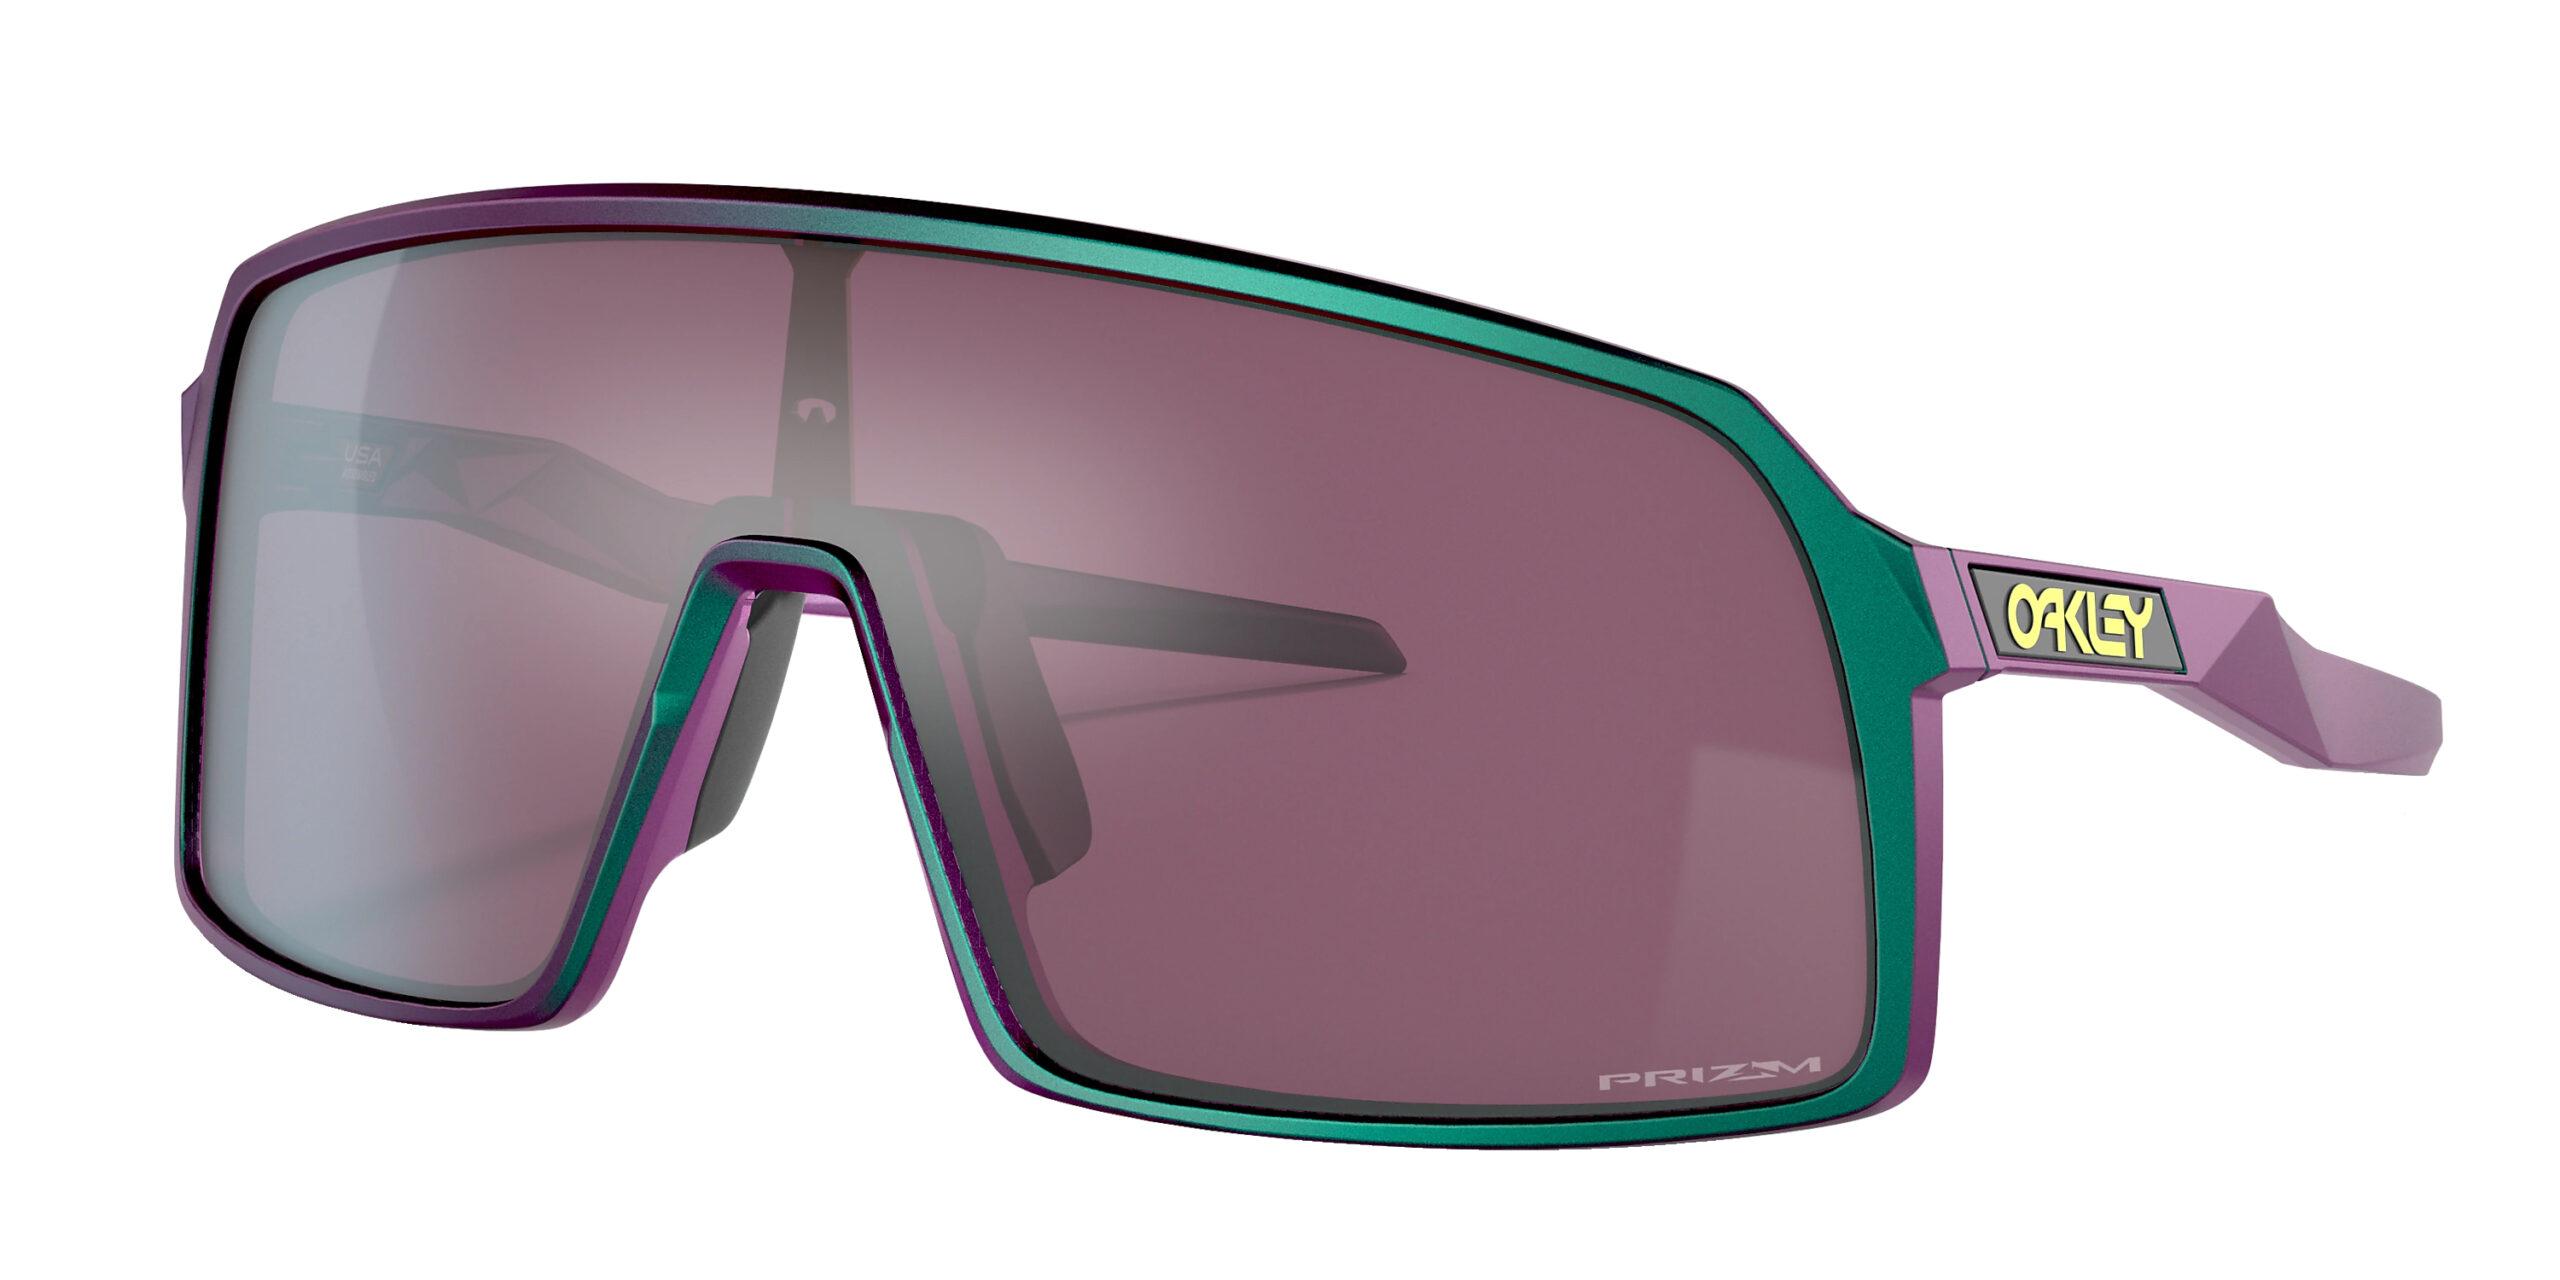 Oakley Sutro - Odyssey - Green Purple Shift - Prizm Road Black - OO9406-6037 - 888392560193